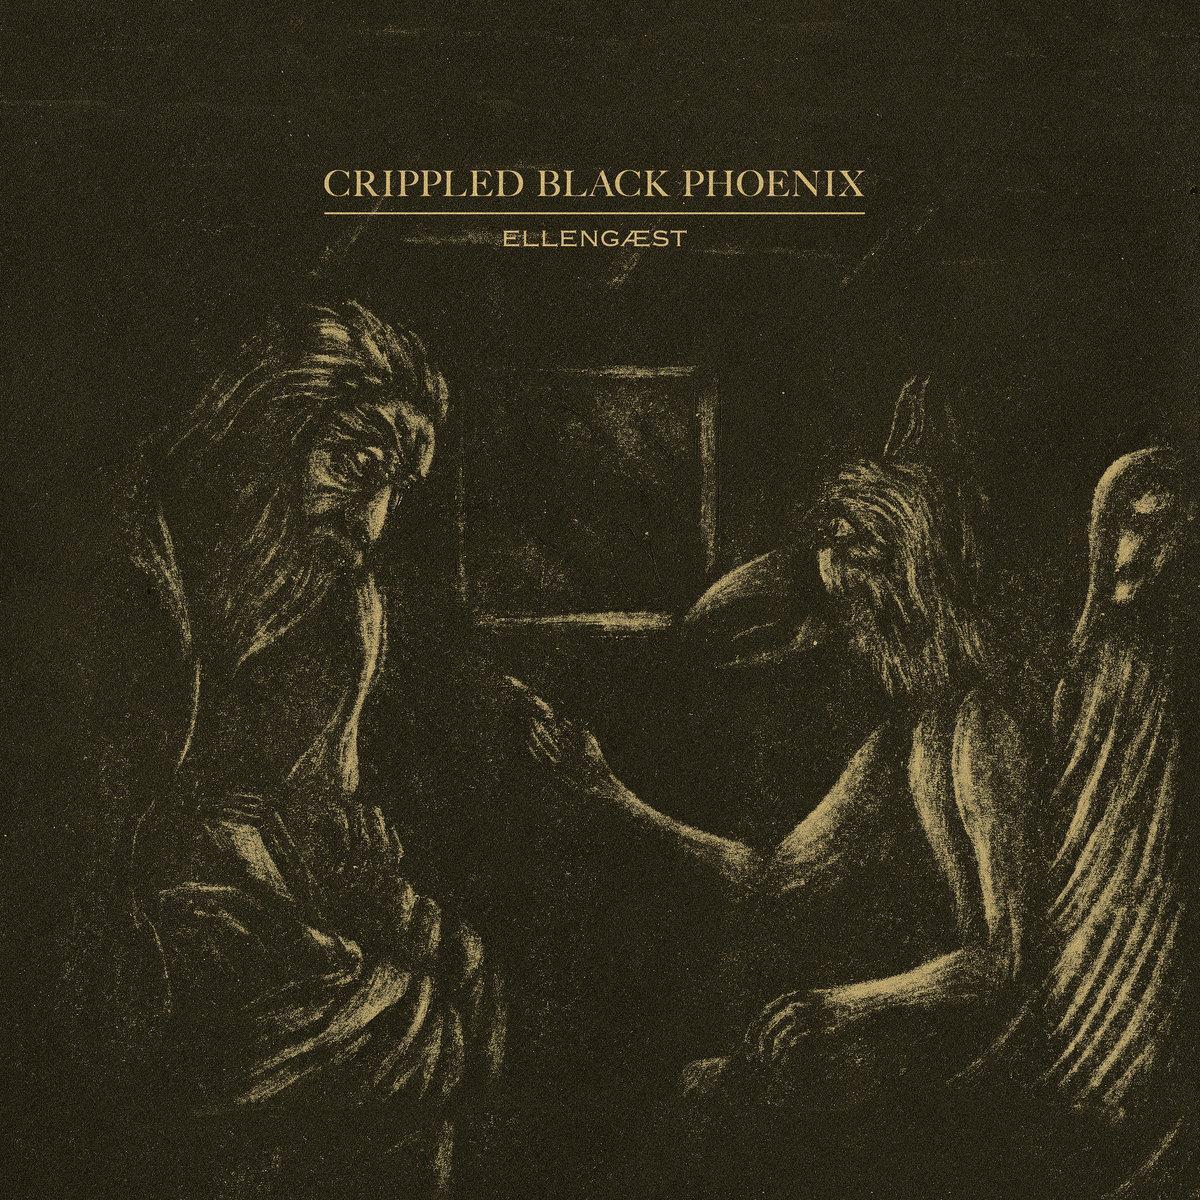 Crippled Black Phoenix - Ellengæst [LTD 2xLP] (Purple Vinyl)